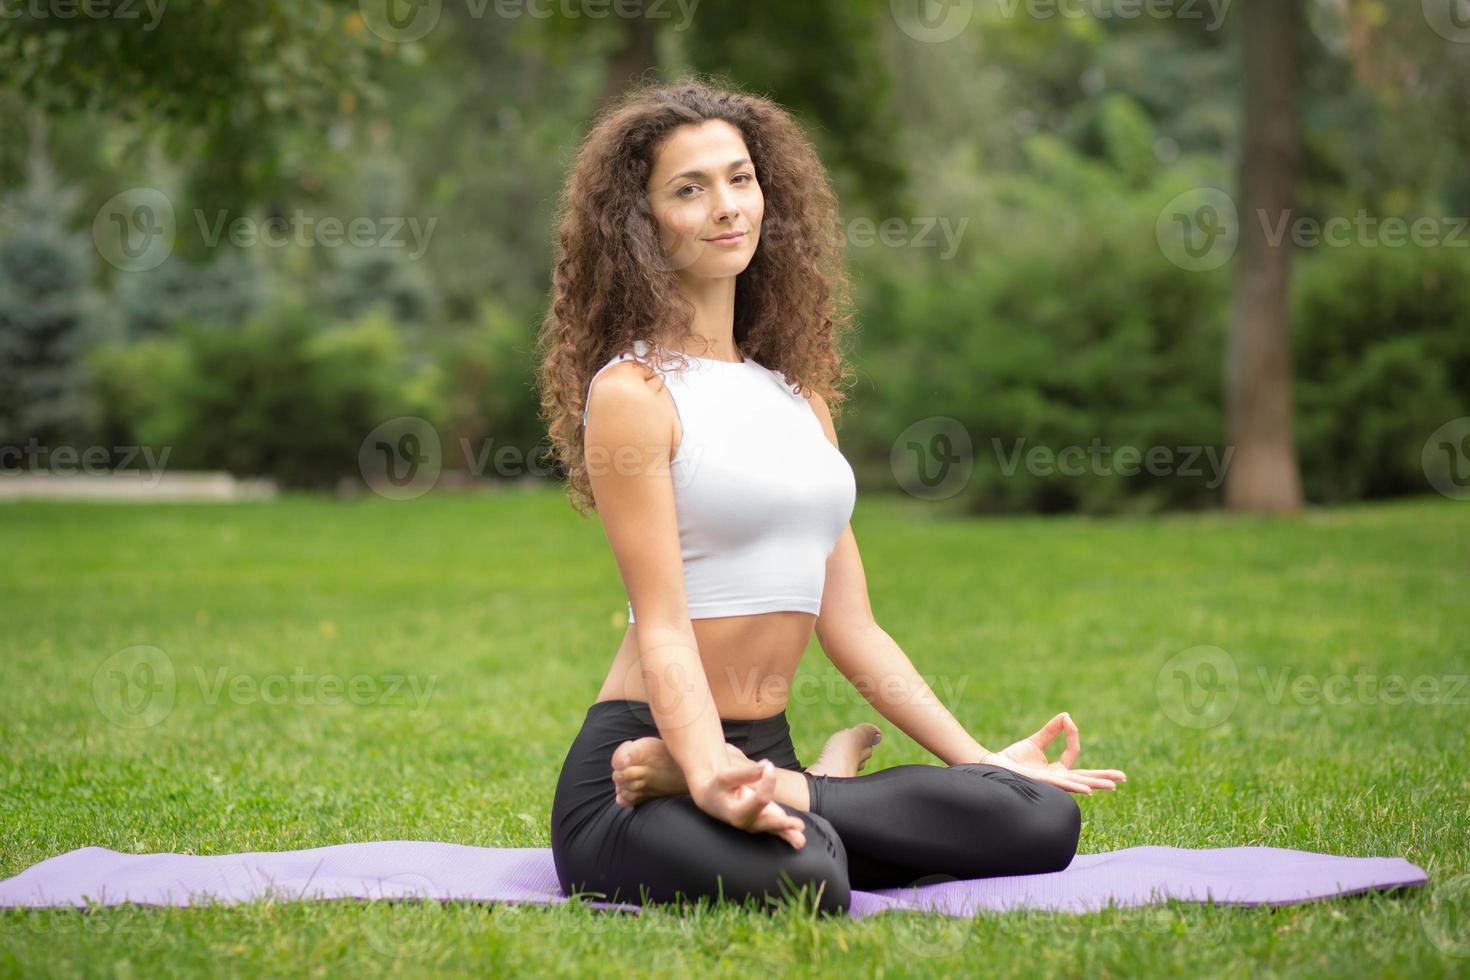 jolie femme faisant du yoga méditation en position du lotus photo